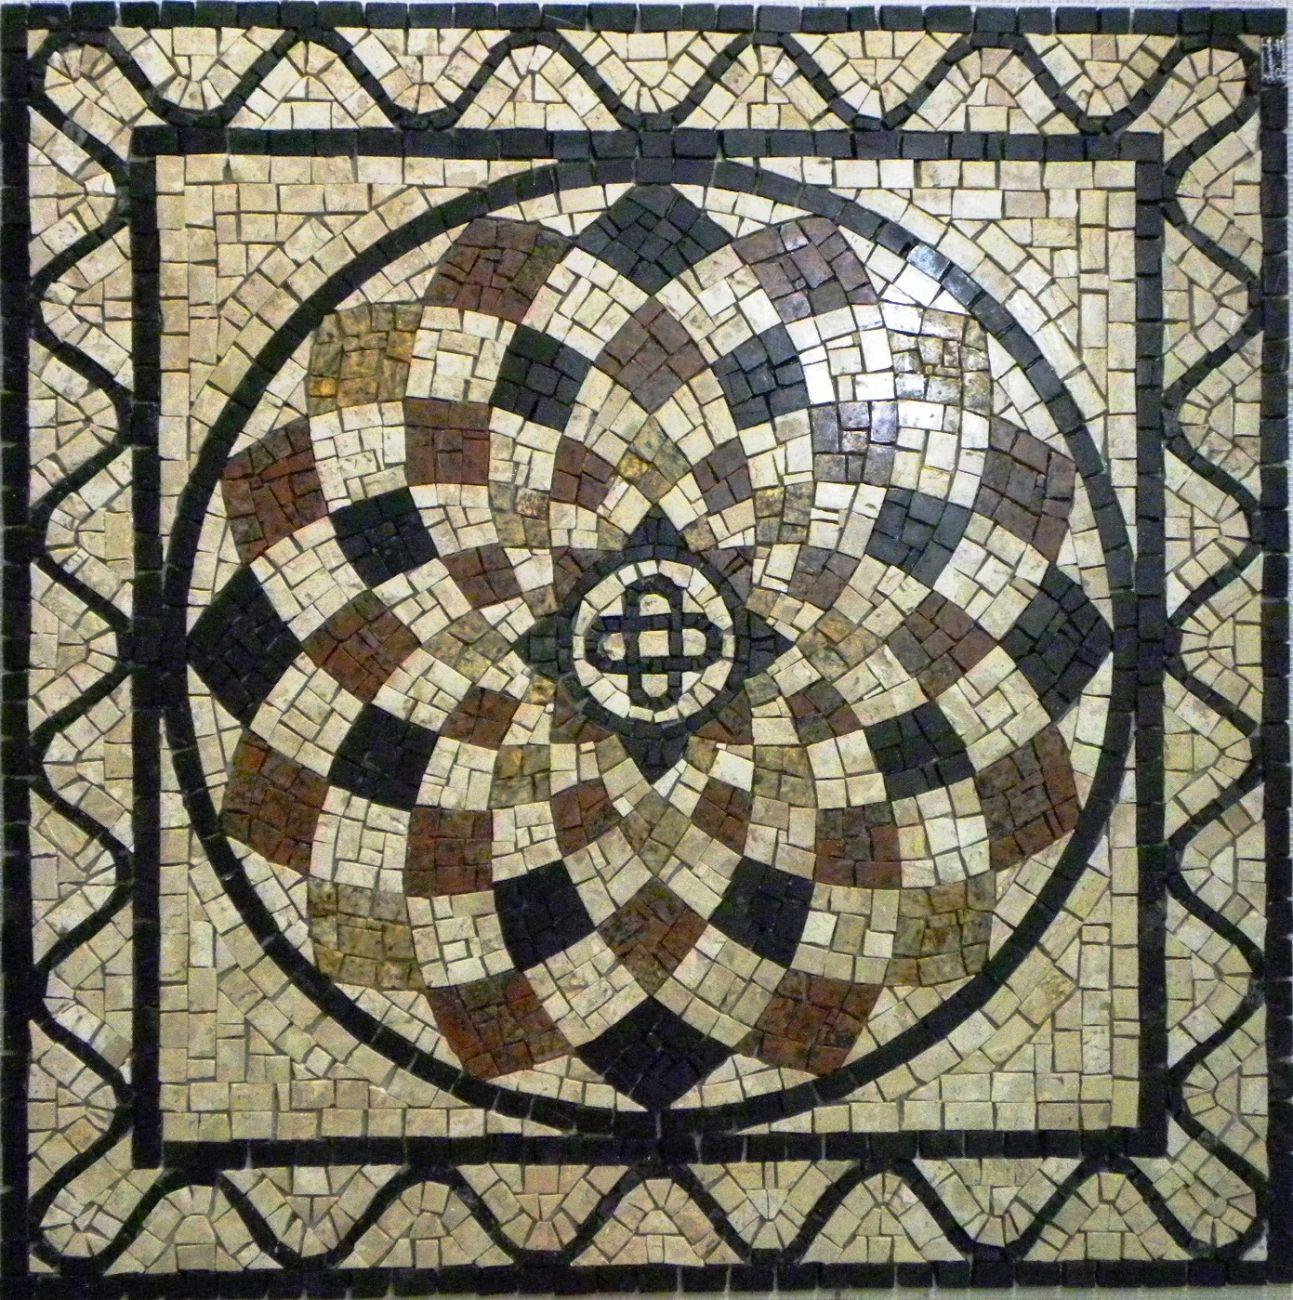 Mosaico mandalas em mosaico for Mosaico para piso